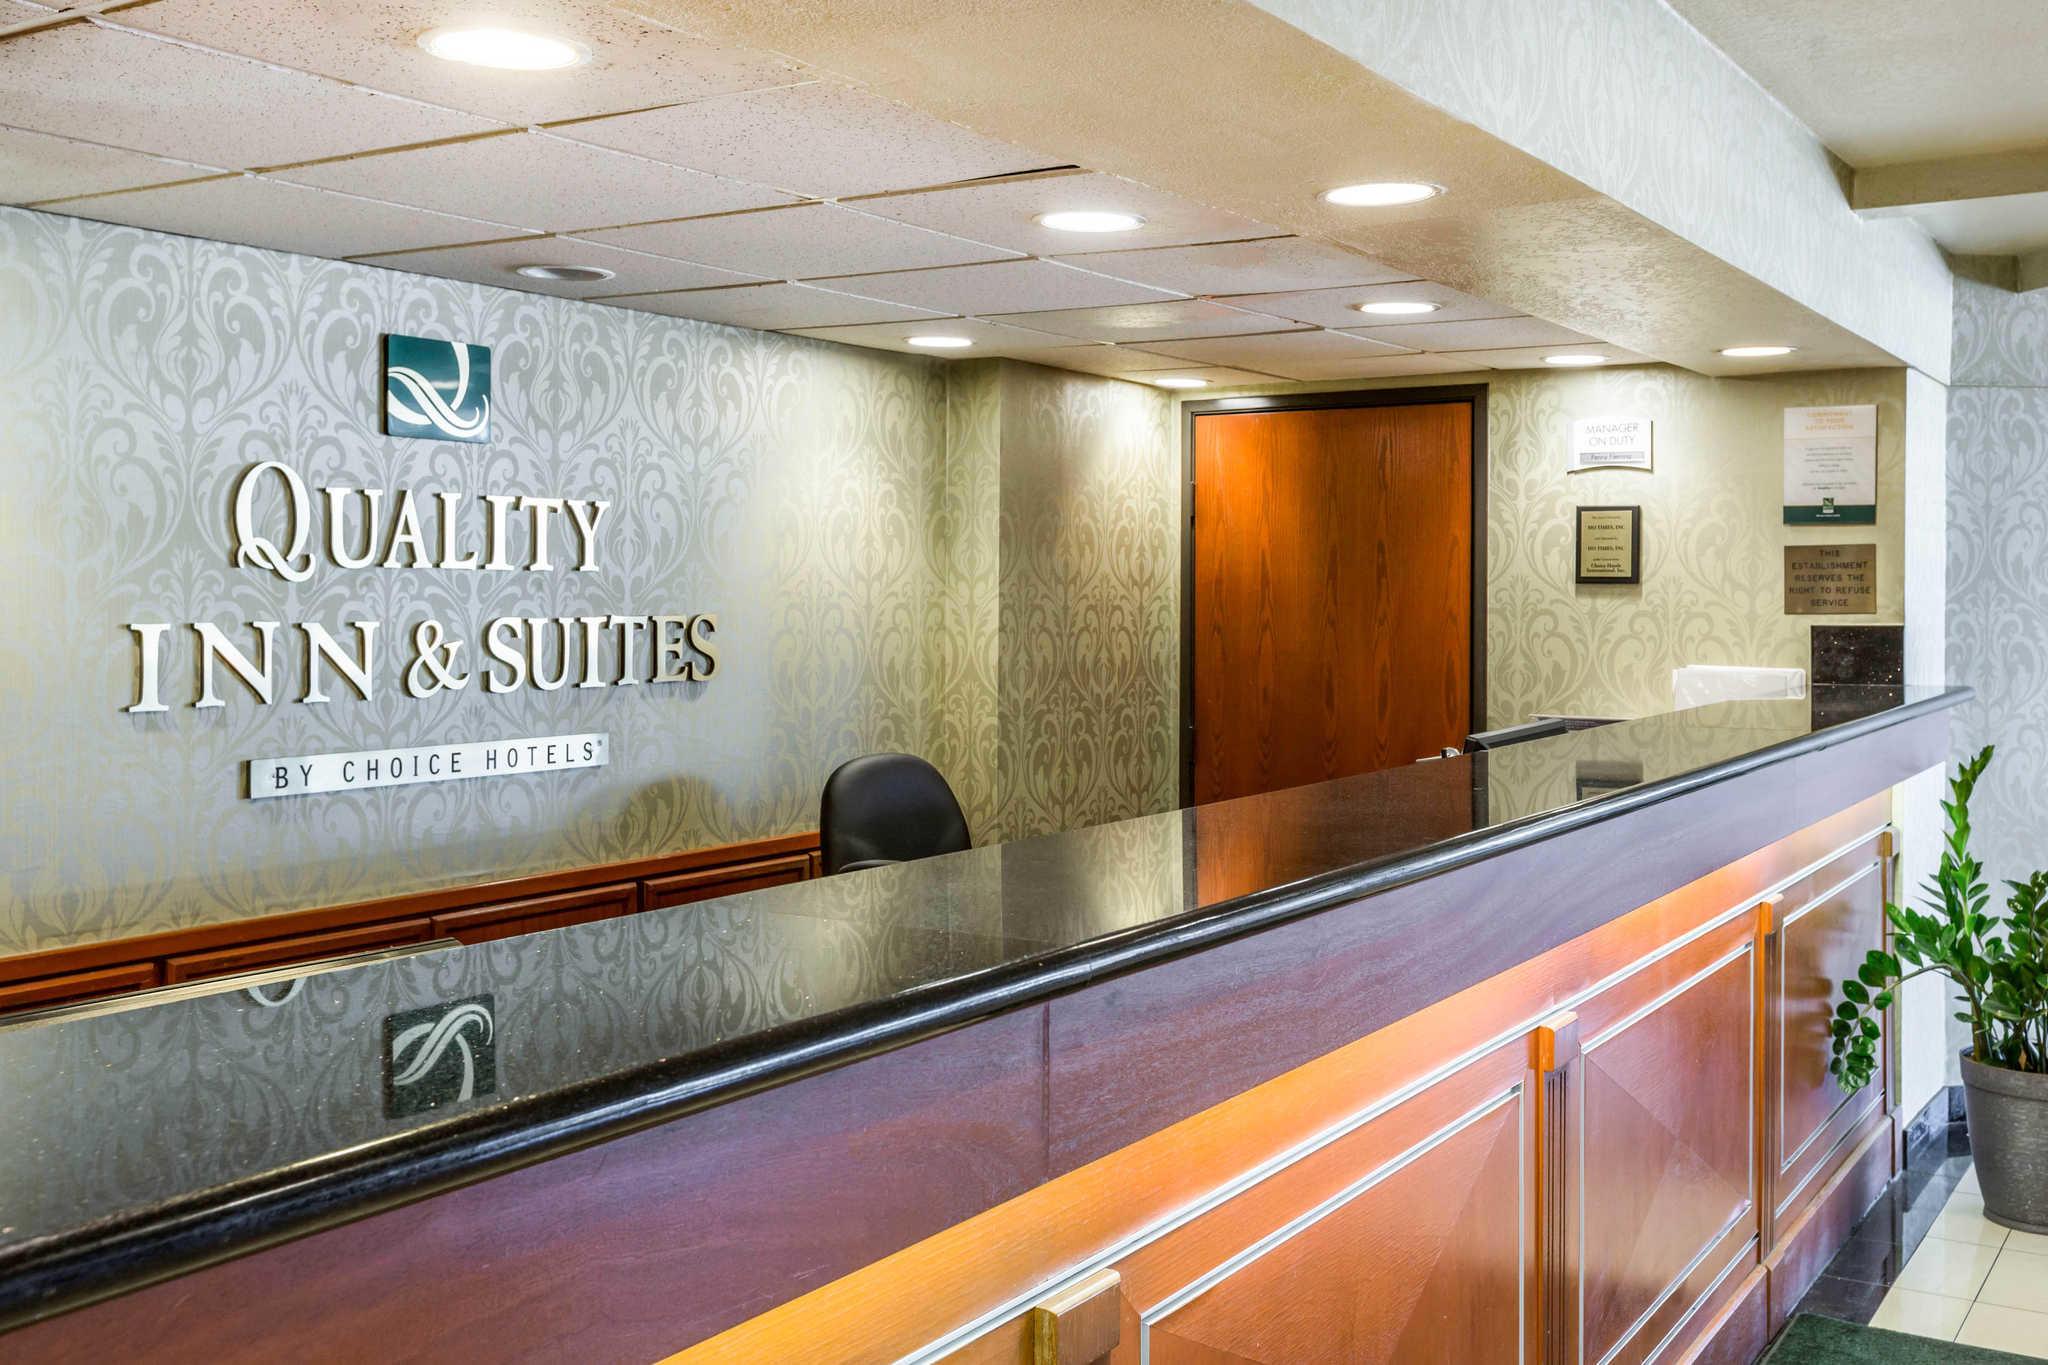 Quality Inn & Suites Irvine Spectrum image 7